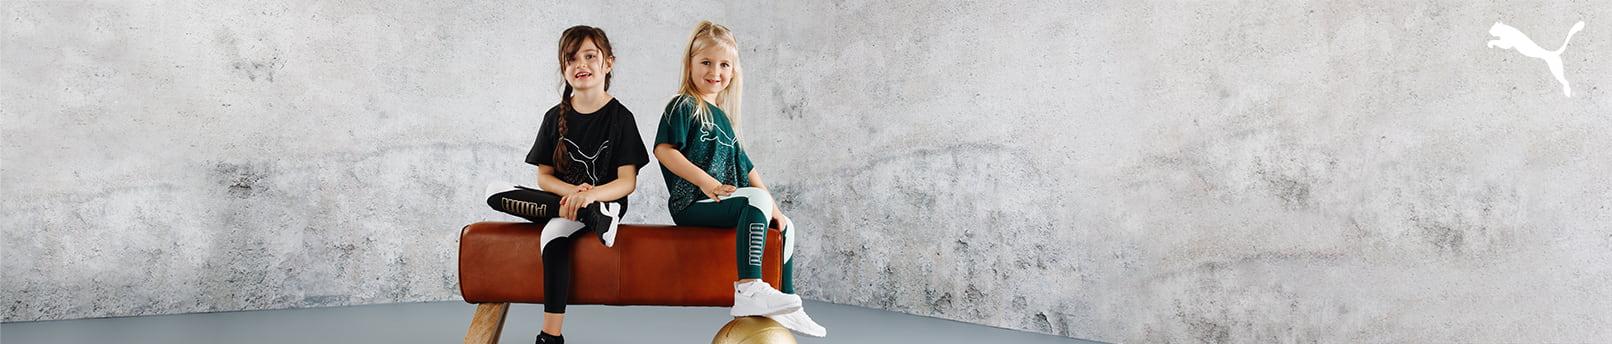 Hoge sneakers - tieners Maat 39.5 online | Gratis verzending ...